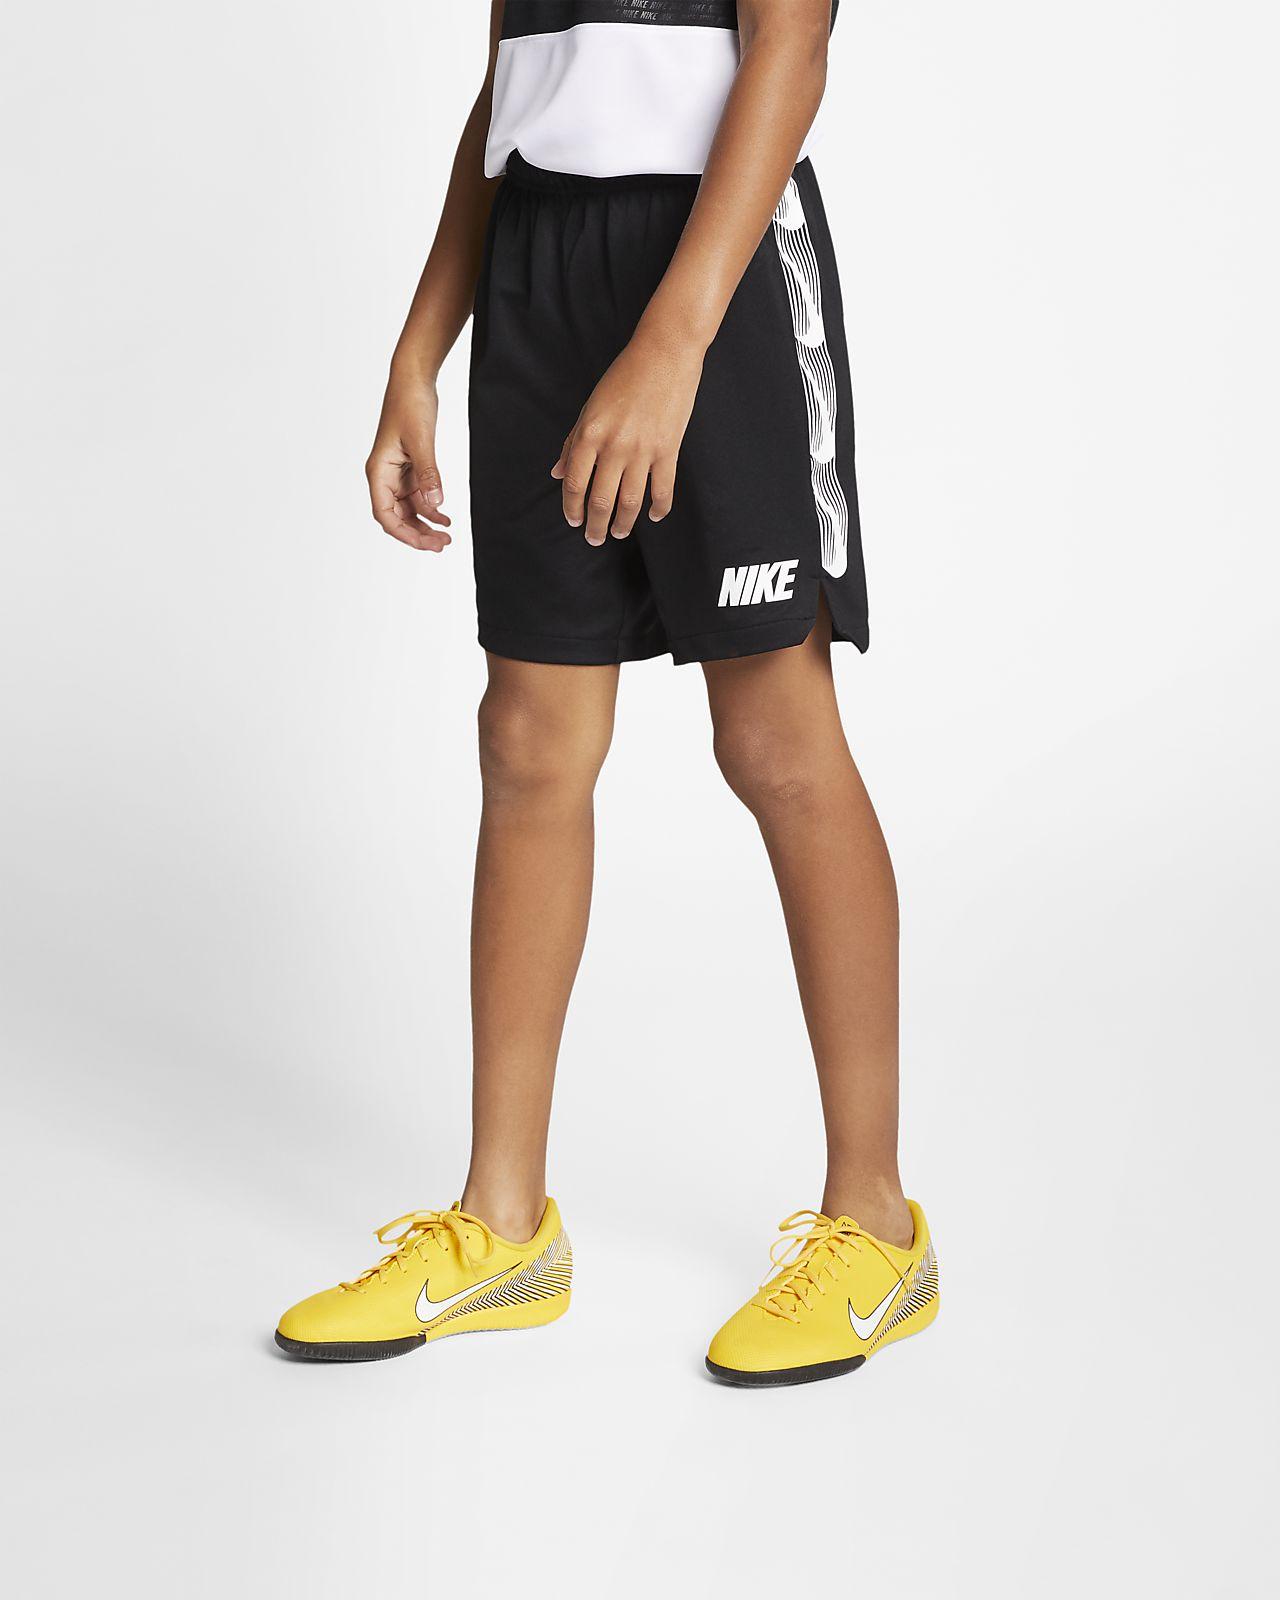 Nike Dri-FIT Squad Pantalons curts de futbol - Nen/a